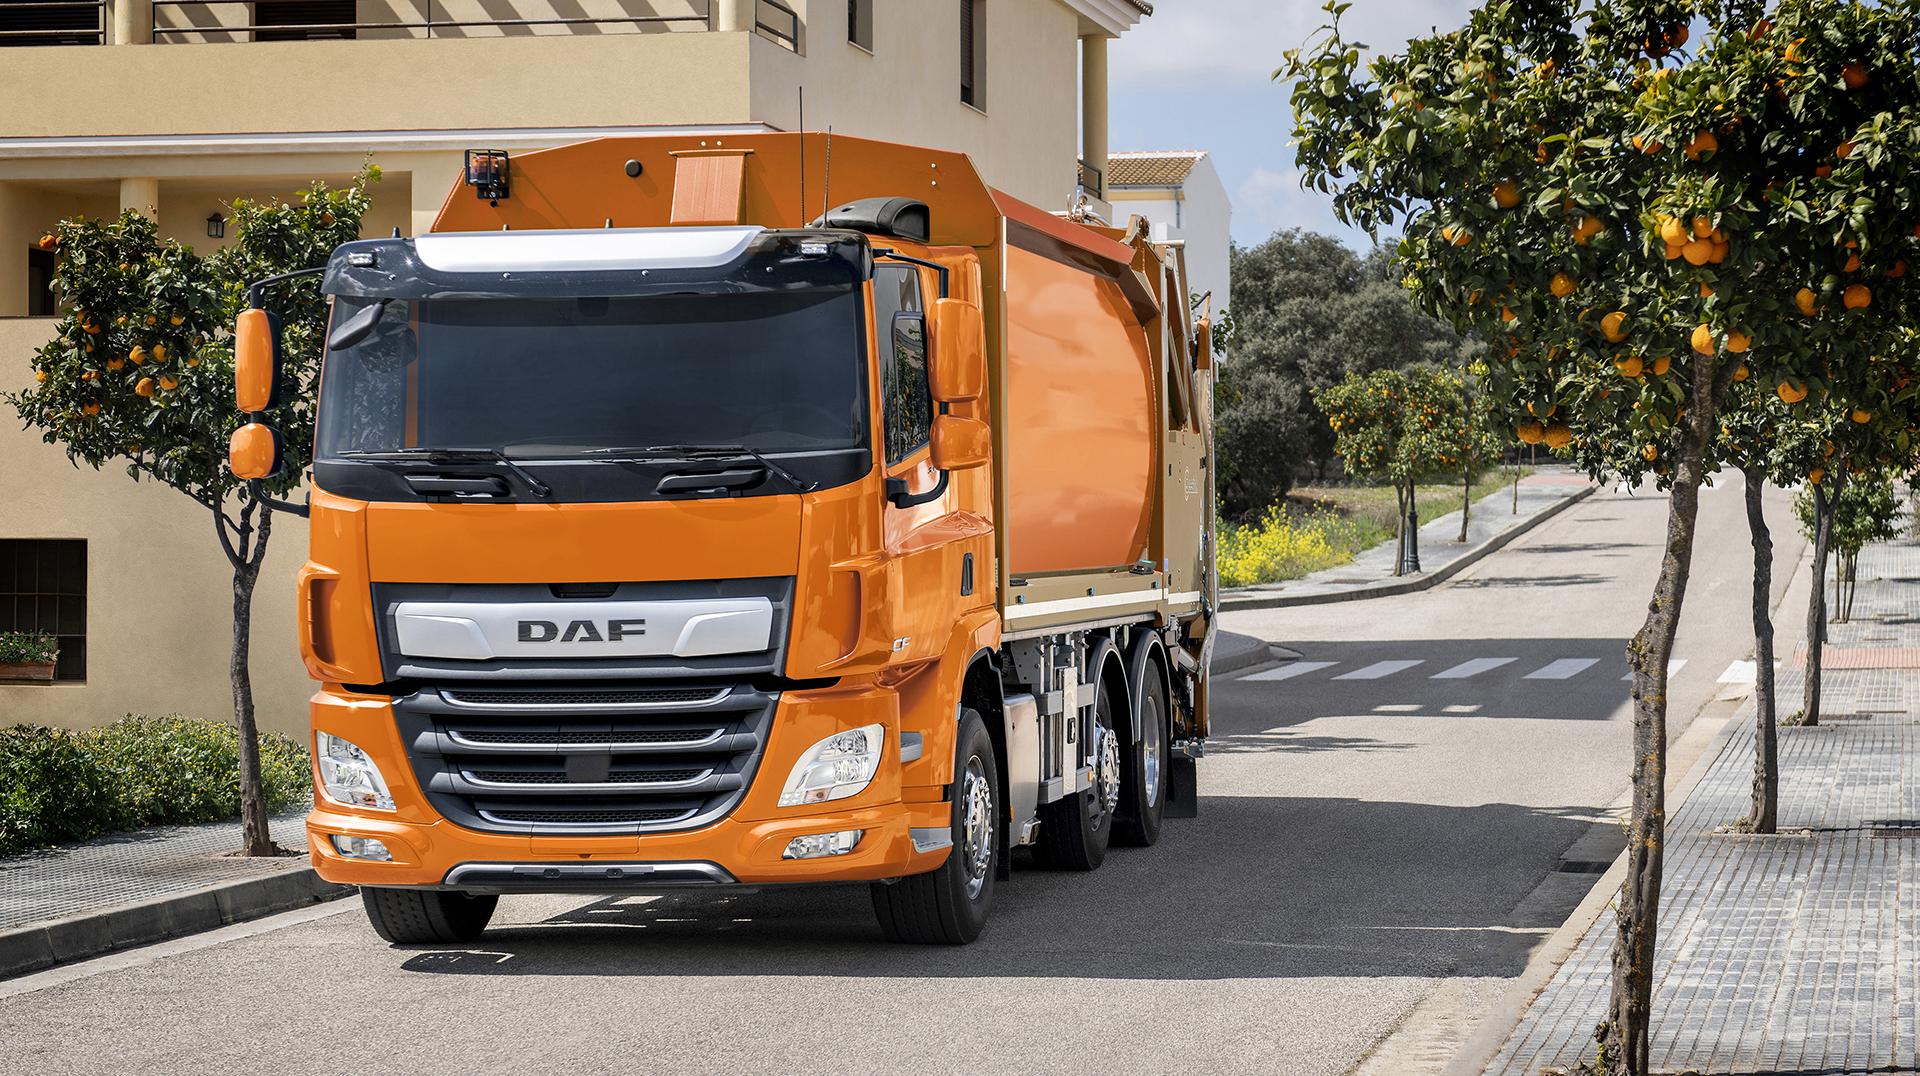 Daf Fun Daf Trucks Belgie Belgique